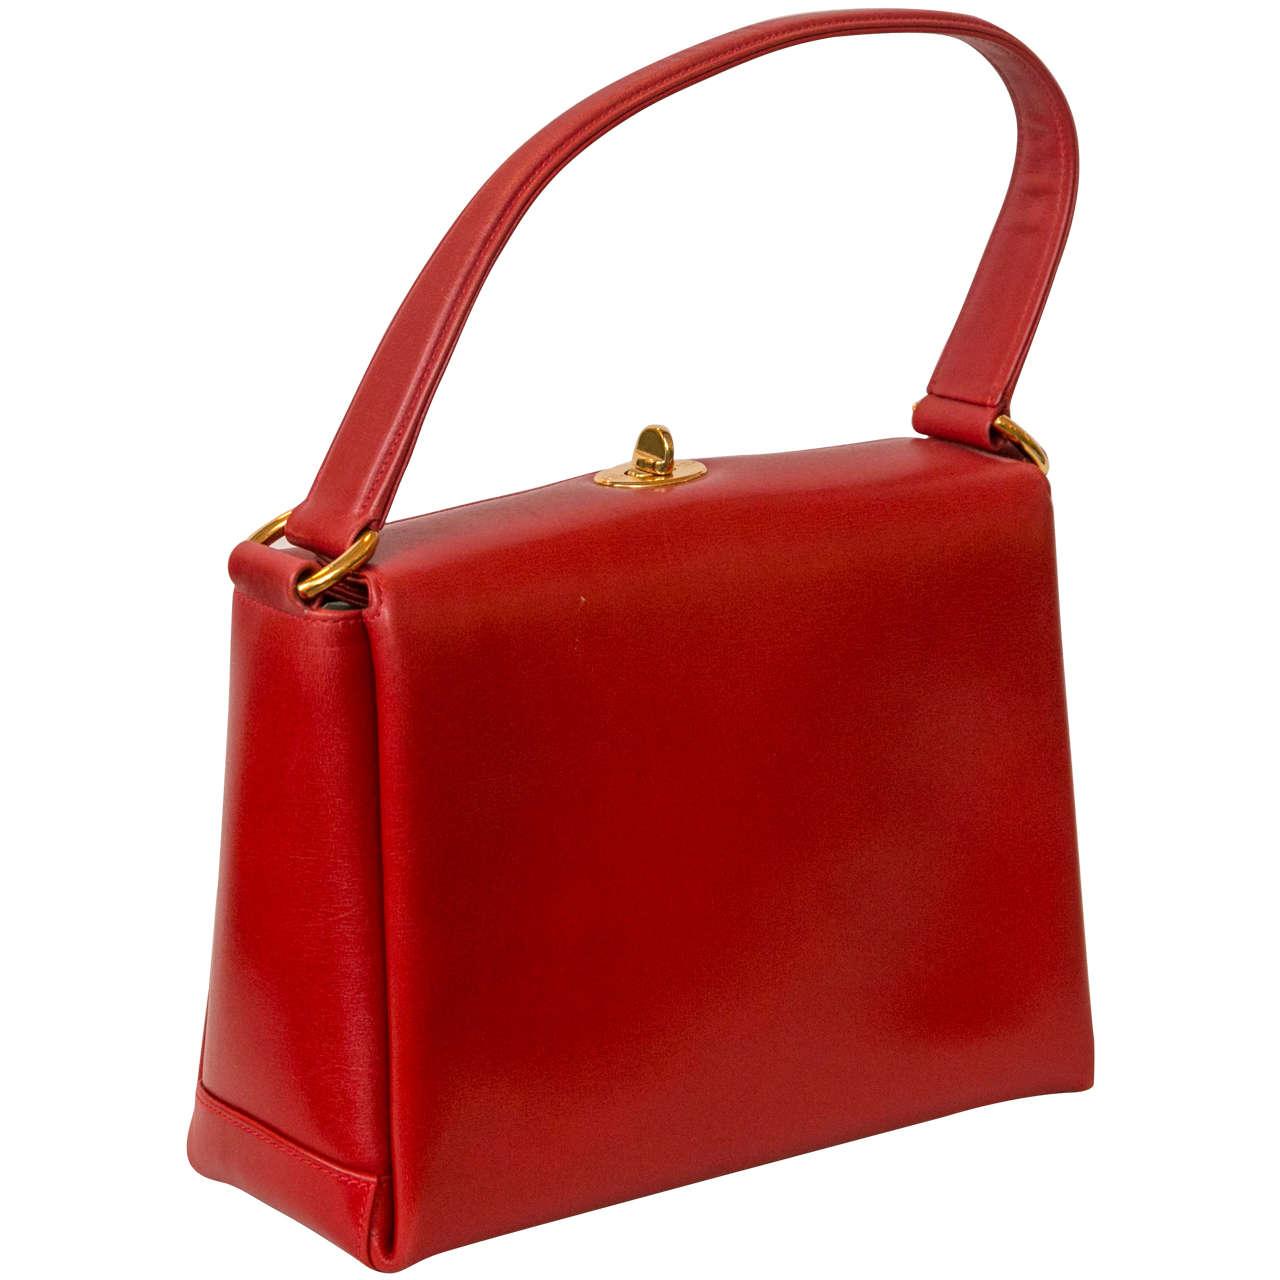 Classic Gucci Handbag 1